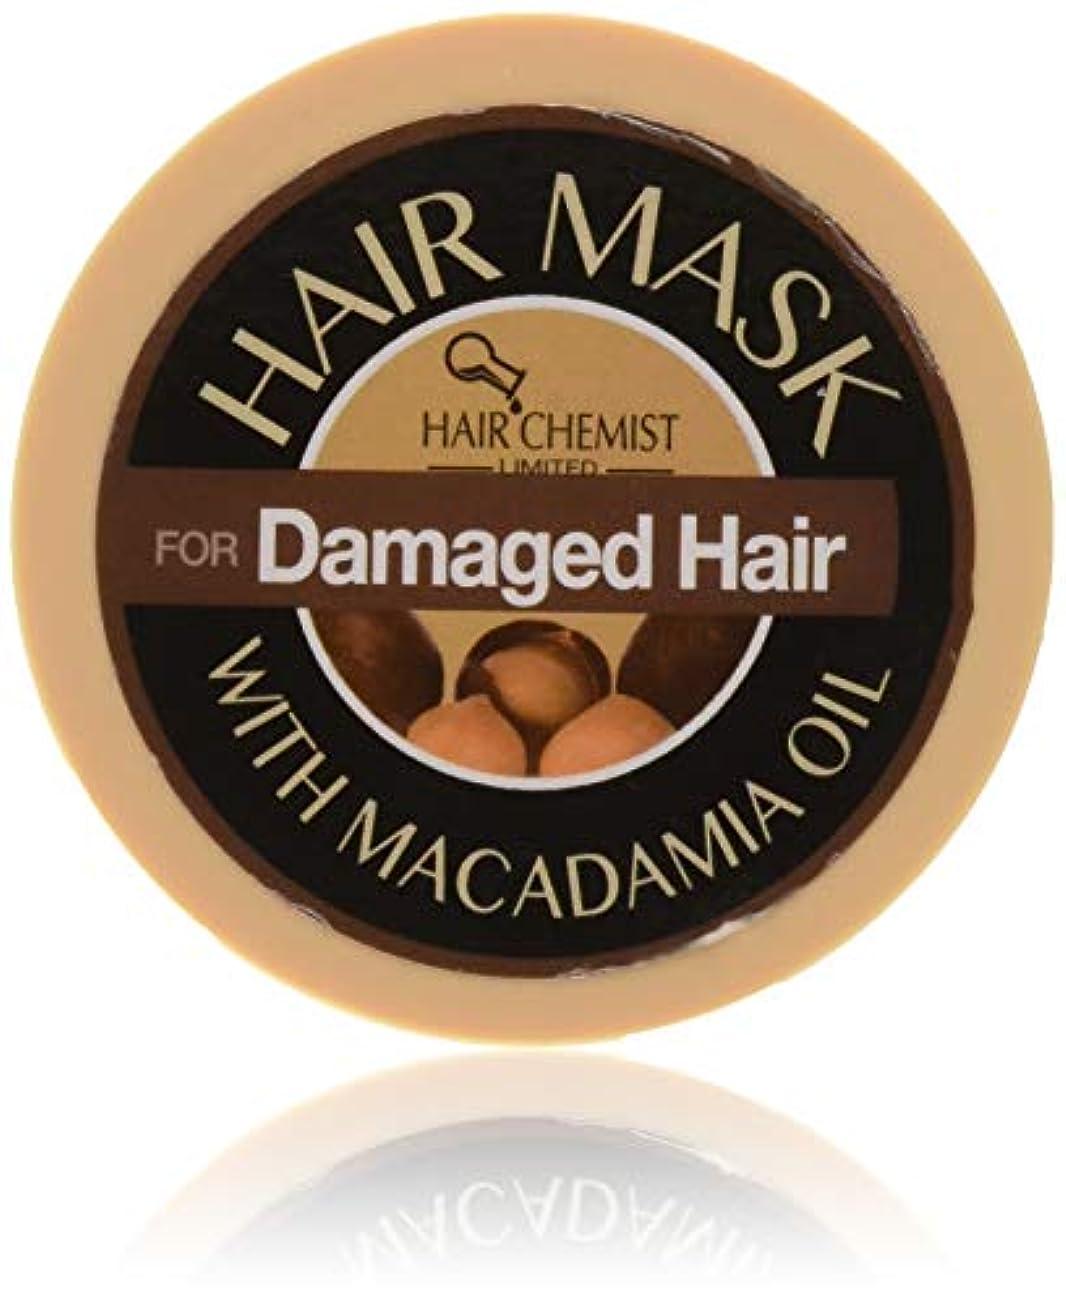 牛肉シンプルさ弓HAIR CHEMIST ヘアマスク マカダミアオイル ダメージヘア 57g Hair Mask Macadamia Oil For Damaged Hair 1522 New York